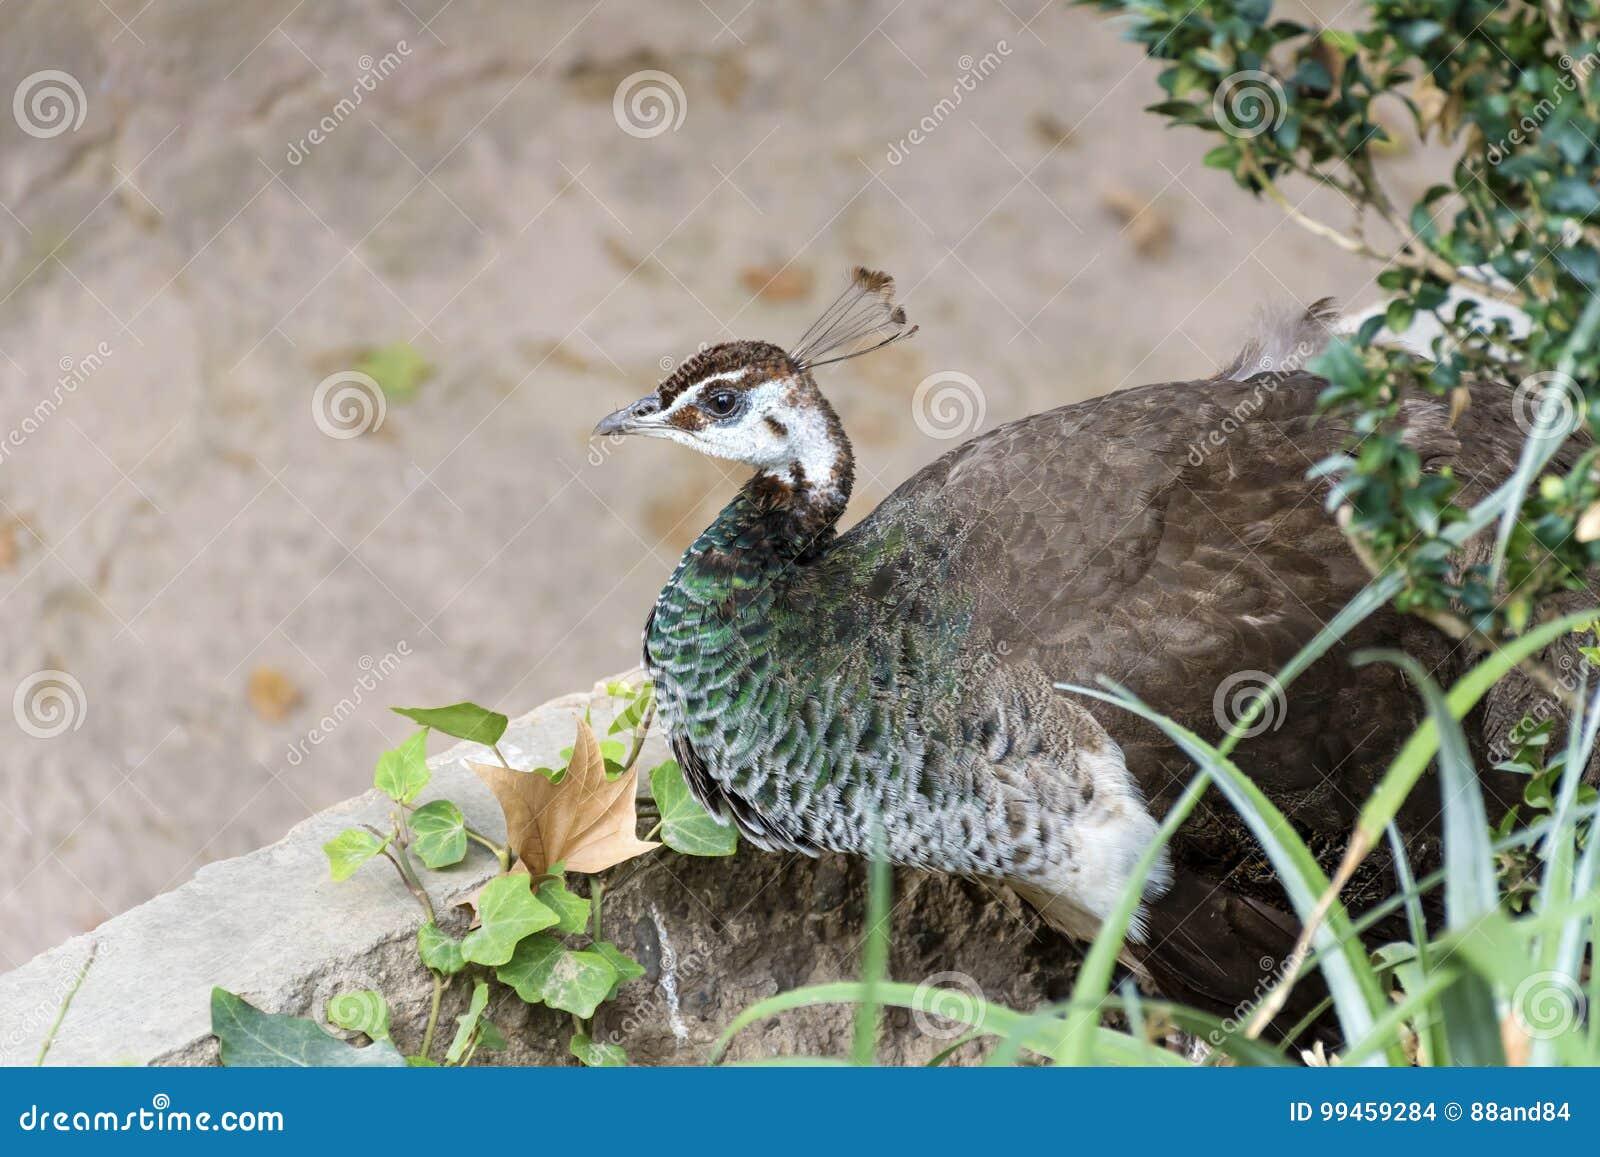 εικόνες από ένα μεγάλο πουλί άσχημο λίπος μαύρο μουνί